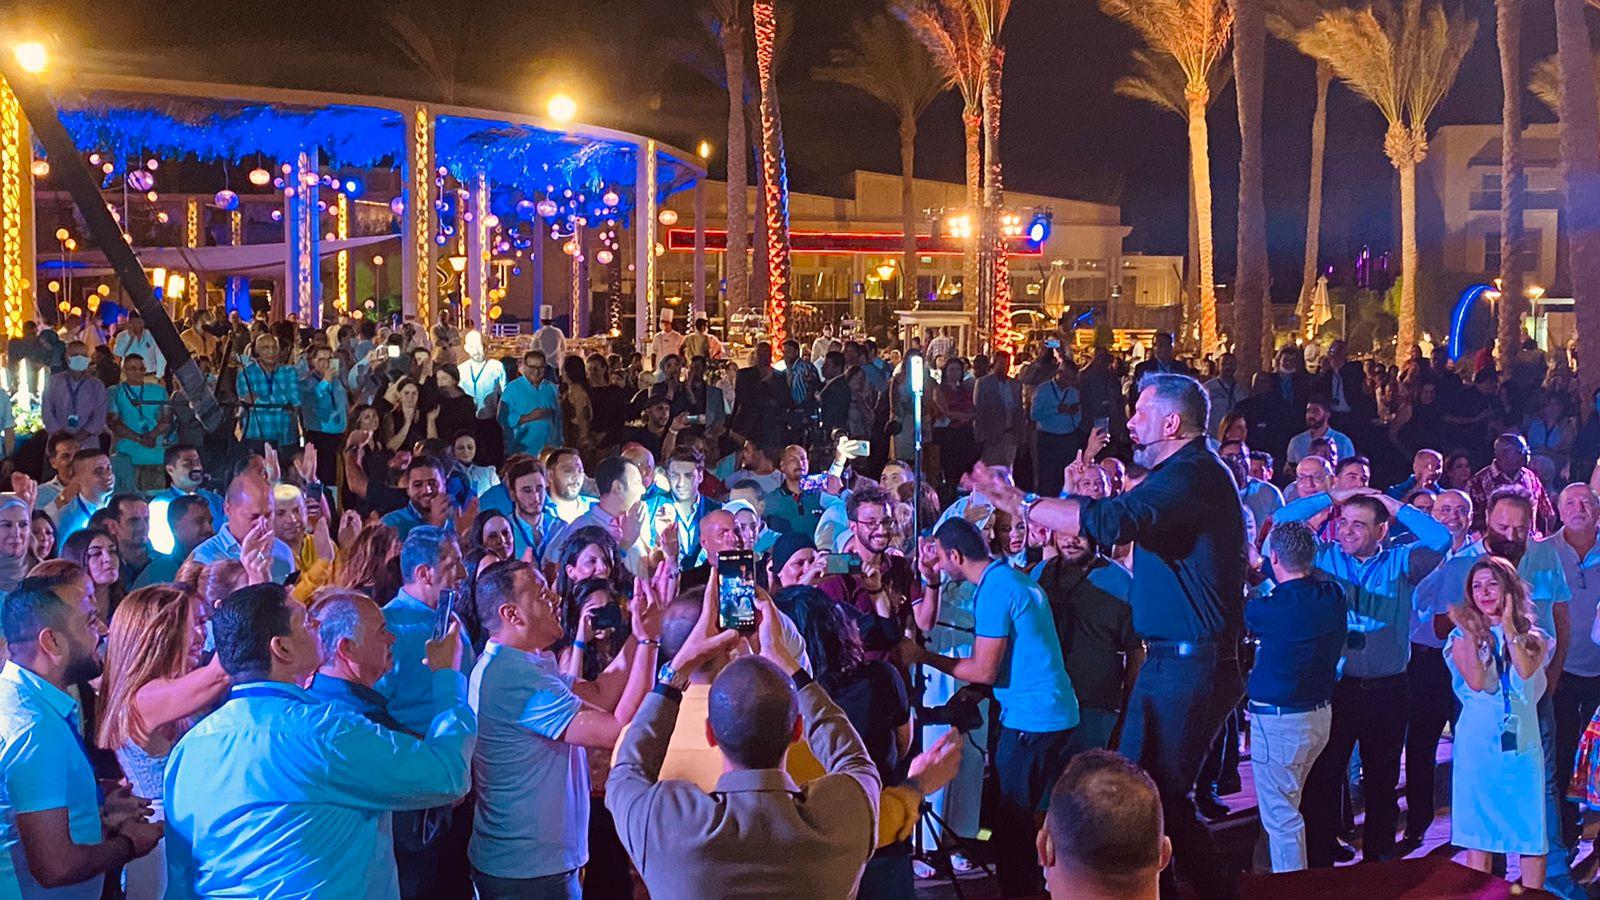 إدوارد وفريقه جيبسي يحيان حفل غنائي في شرم الشيخ (4)